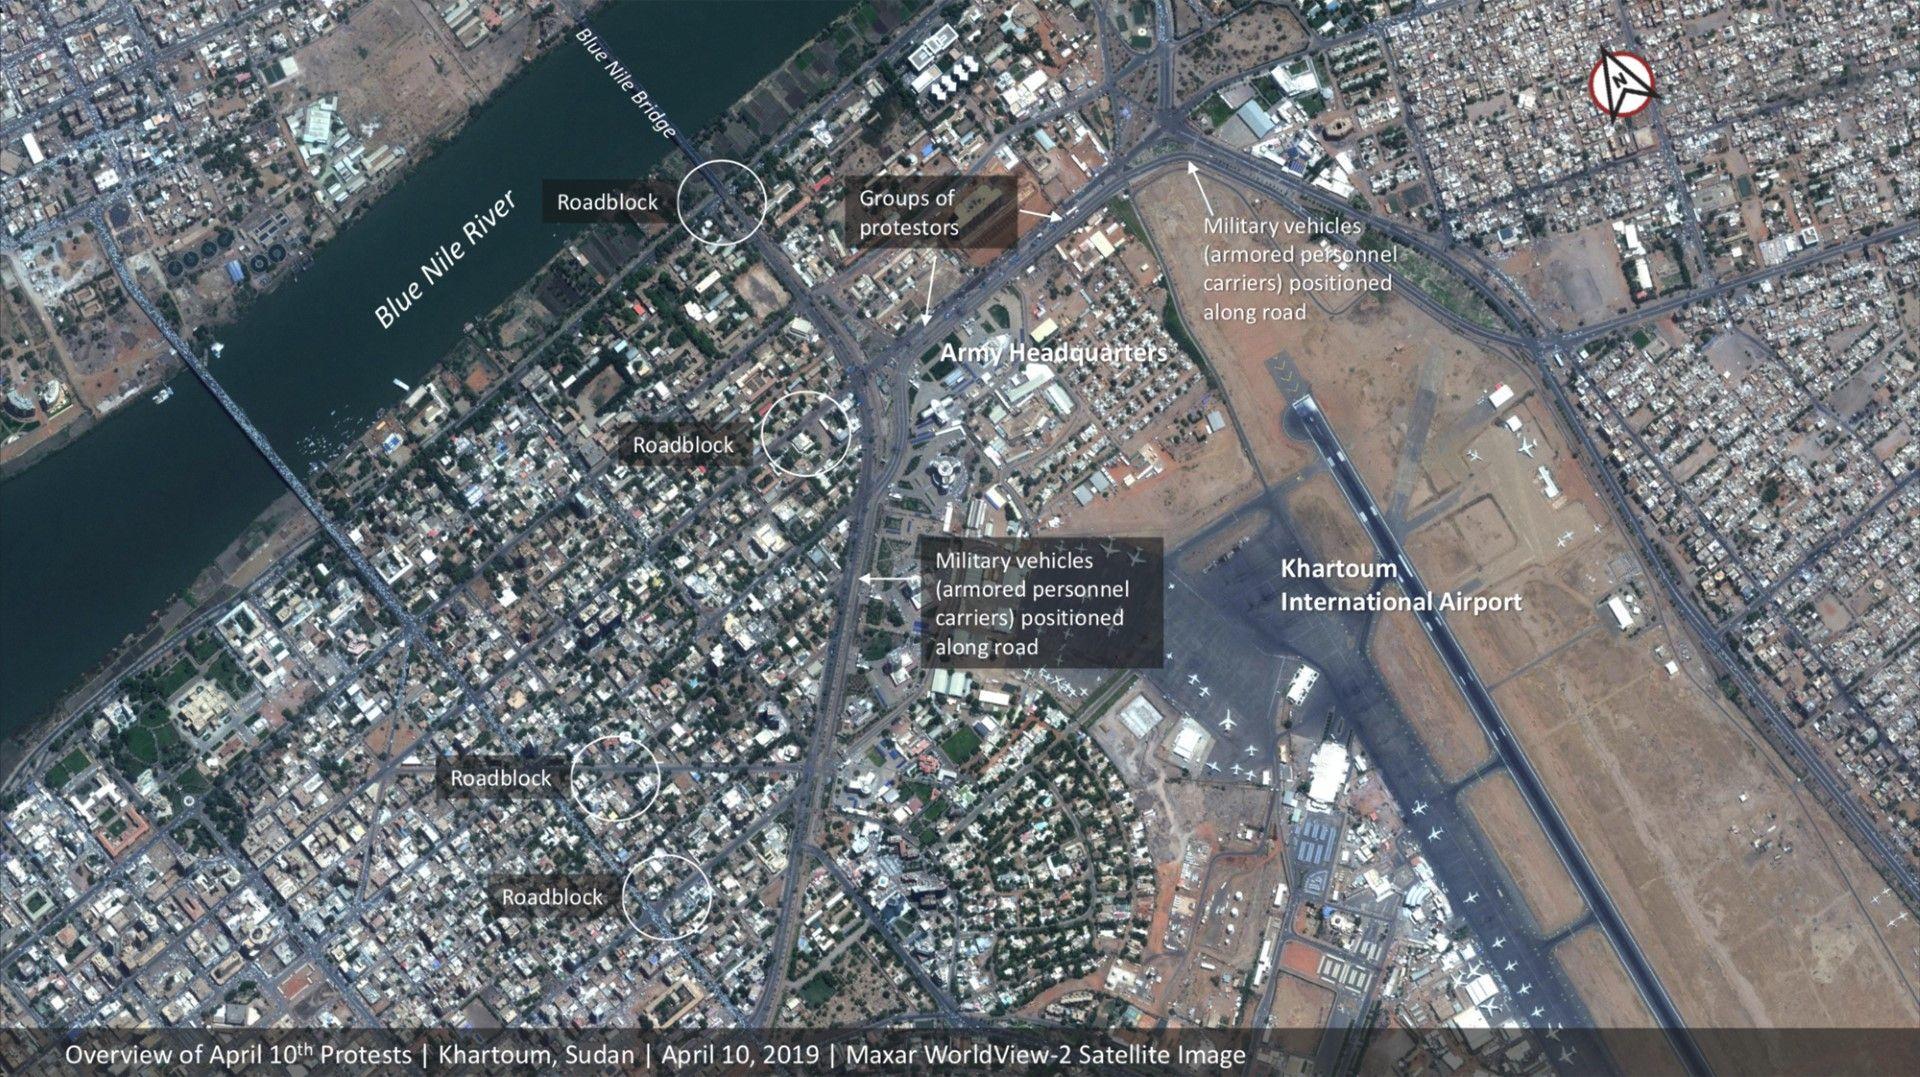 Изглед от въздуха на масовия протест в столицата на Судан - Хартум, 10 април